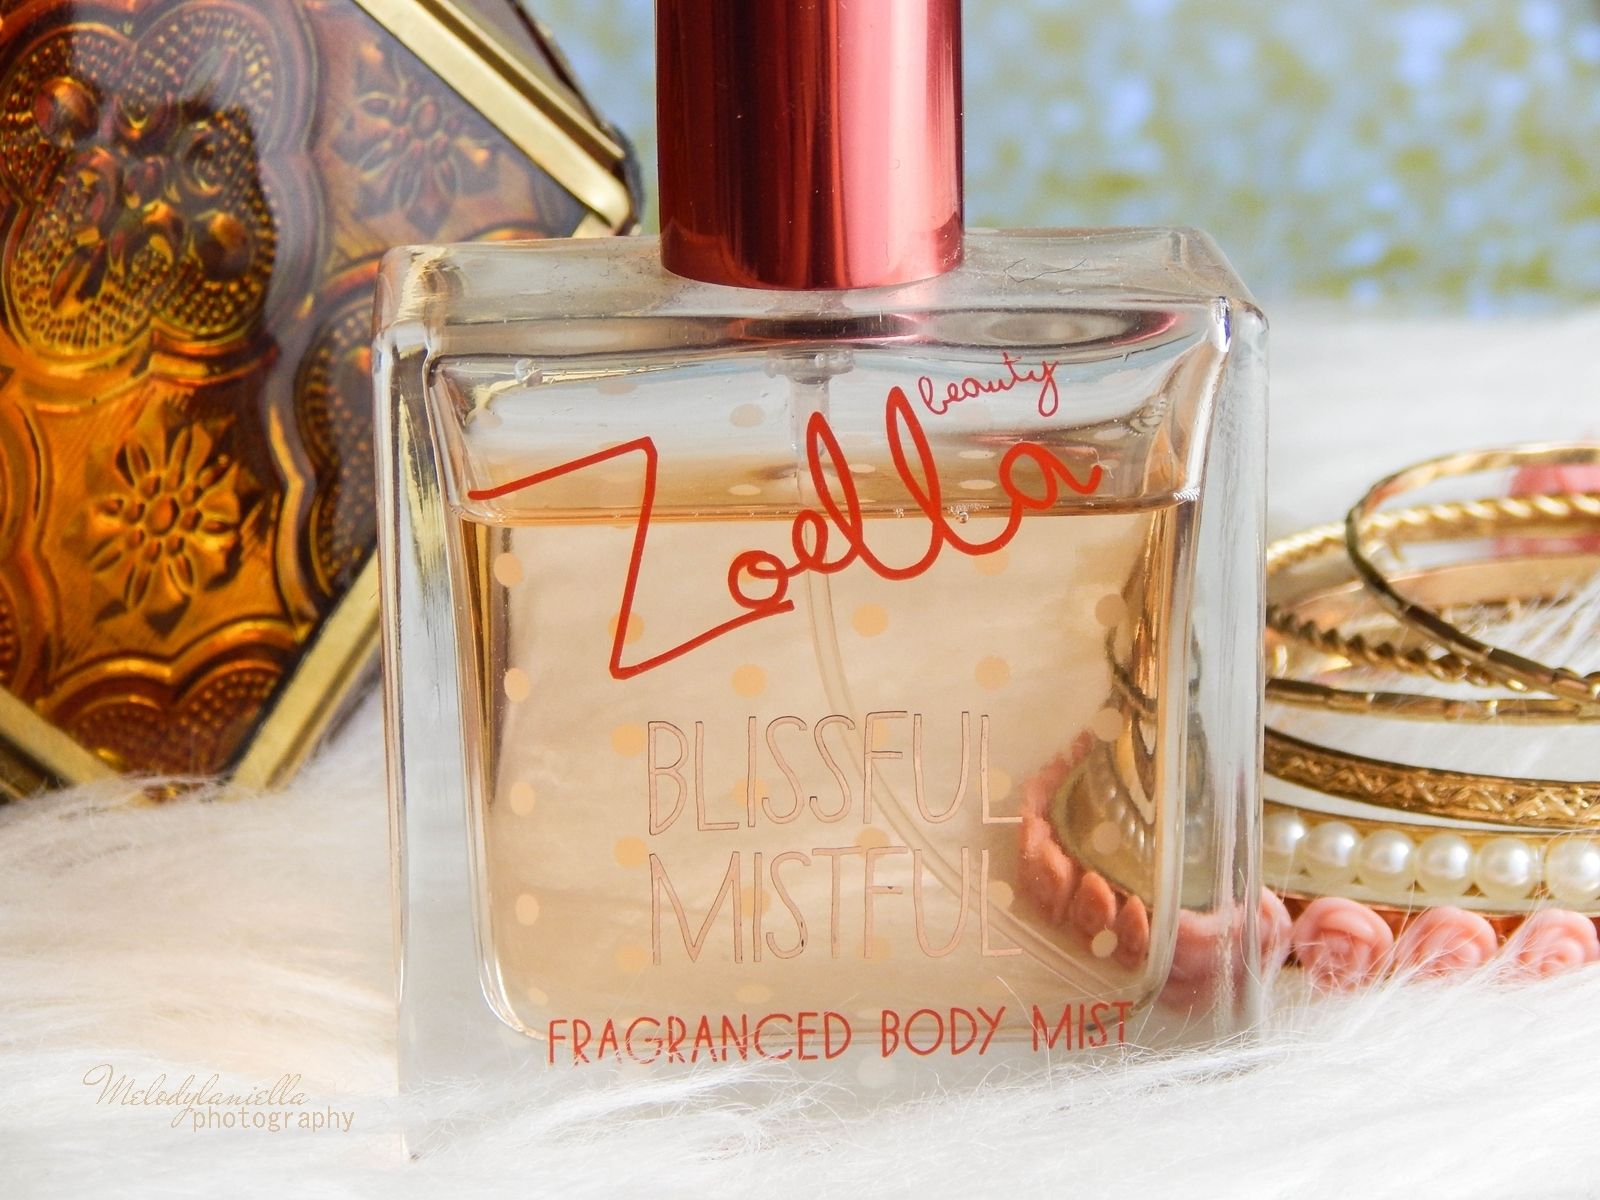 Zoella Blissful Mistful perfumy Zoella Beauty Superdrug recenzja kosmetyki Zoe Sugg moje ulubione perfumy na zimę melodylaniella style lifestyle blog ciekawe zapach